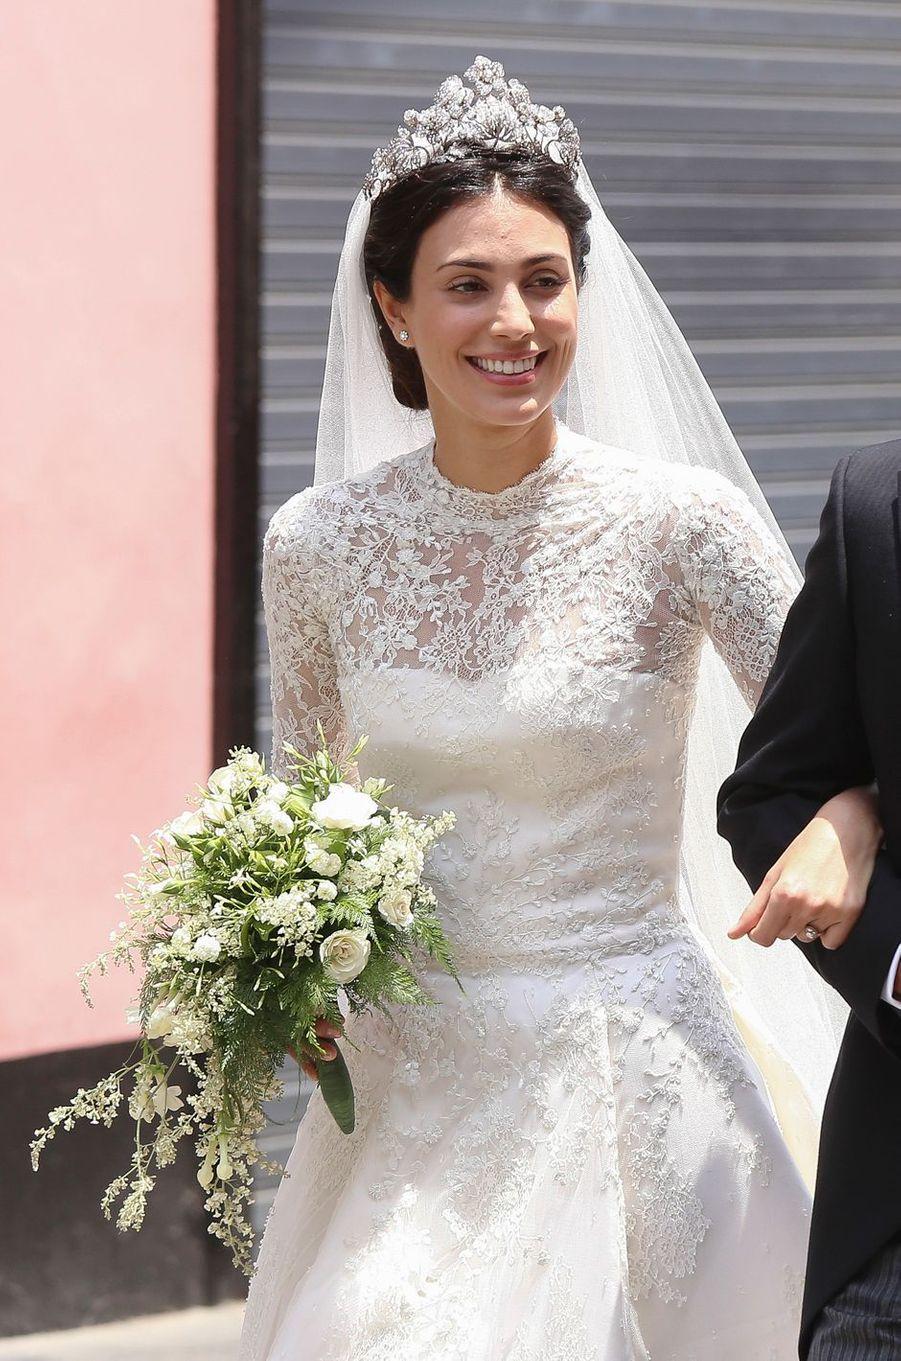 Alessandra de Osma, le jour de son mariage, à Lima le 16 mars 2018